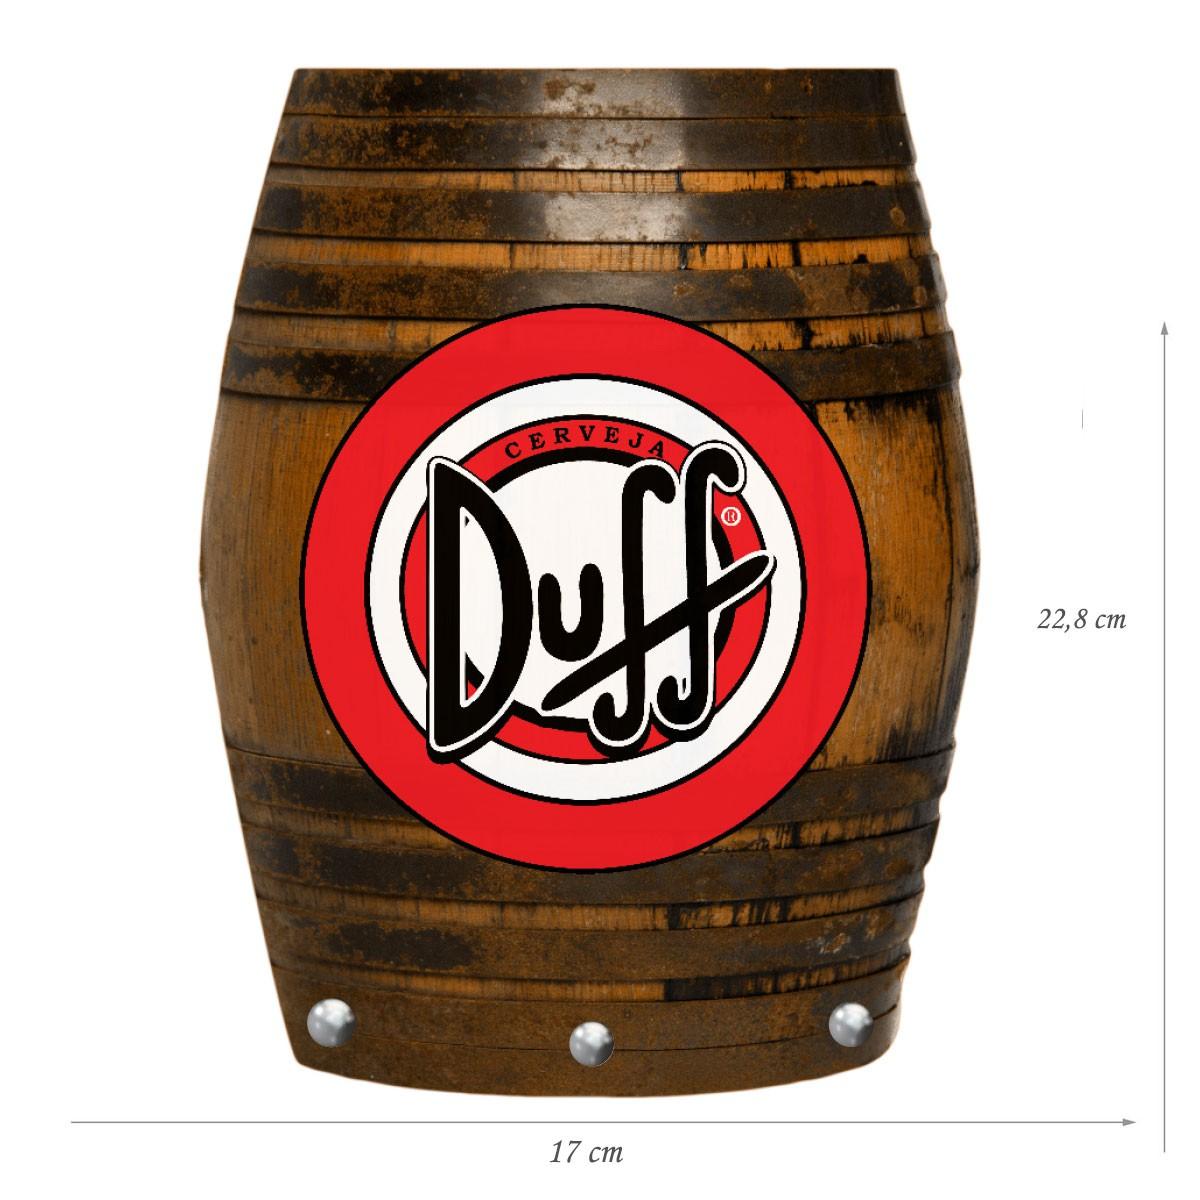 Porta Chaves de Mdf Decorativo Duff para Parede ou Portas